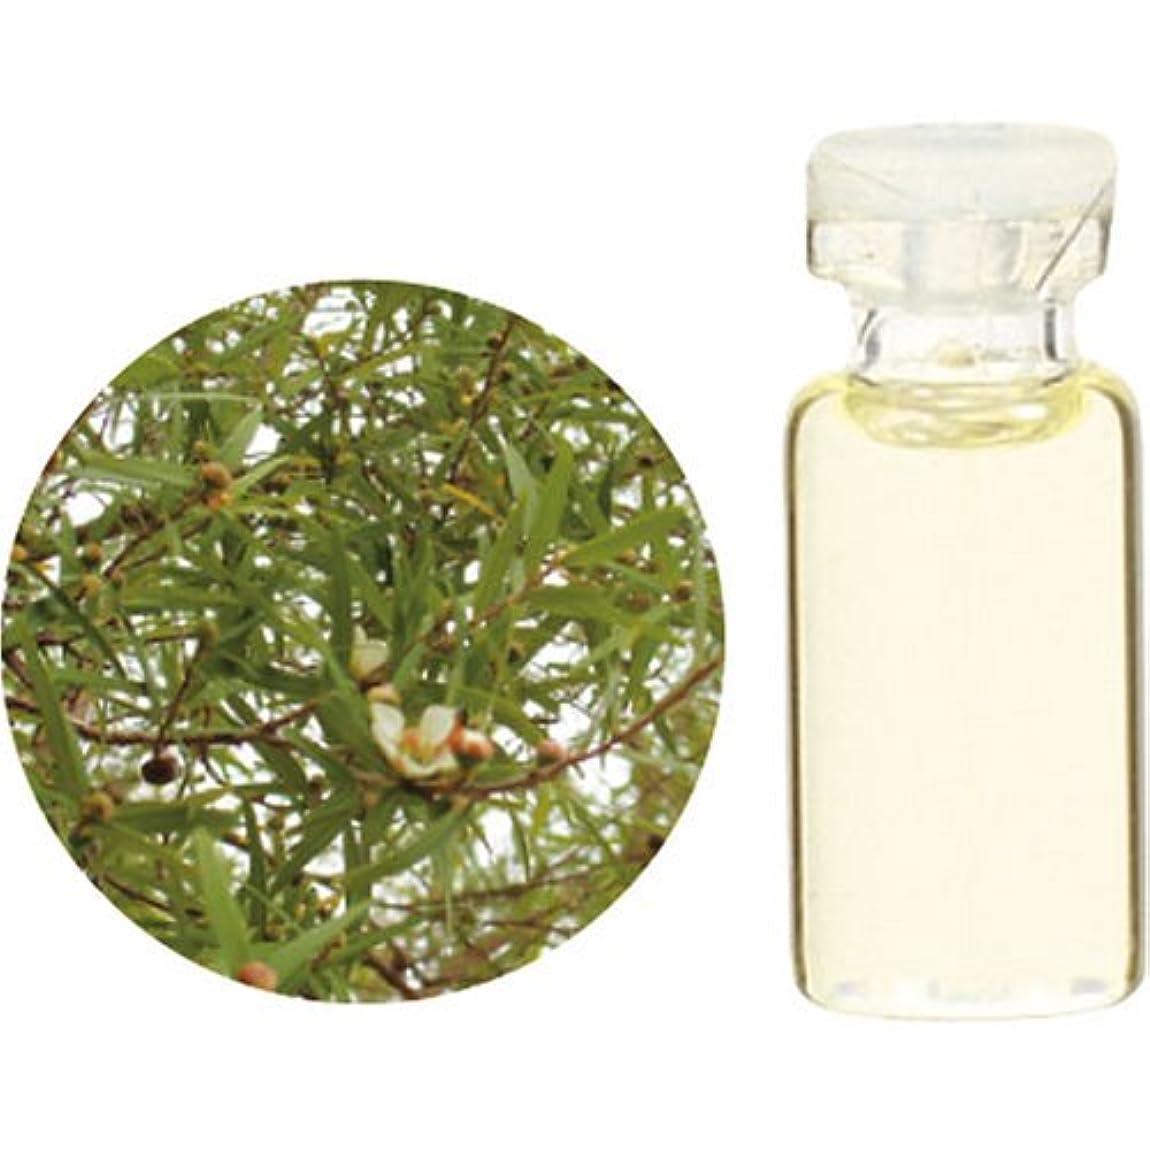 ボーナスセットアップ忠誠Herbal Life レモンティートゥリー 10ml